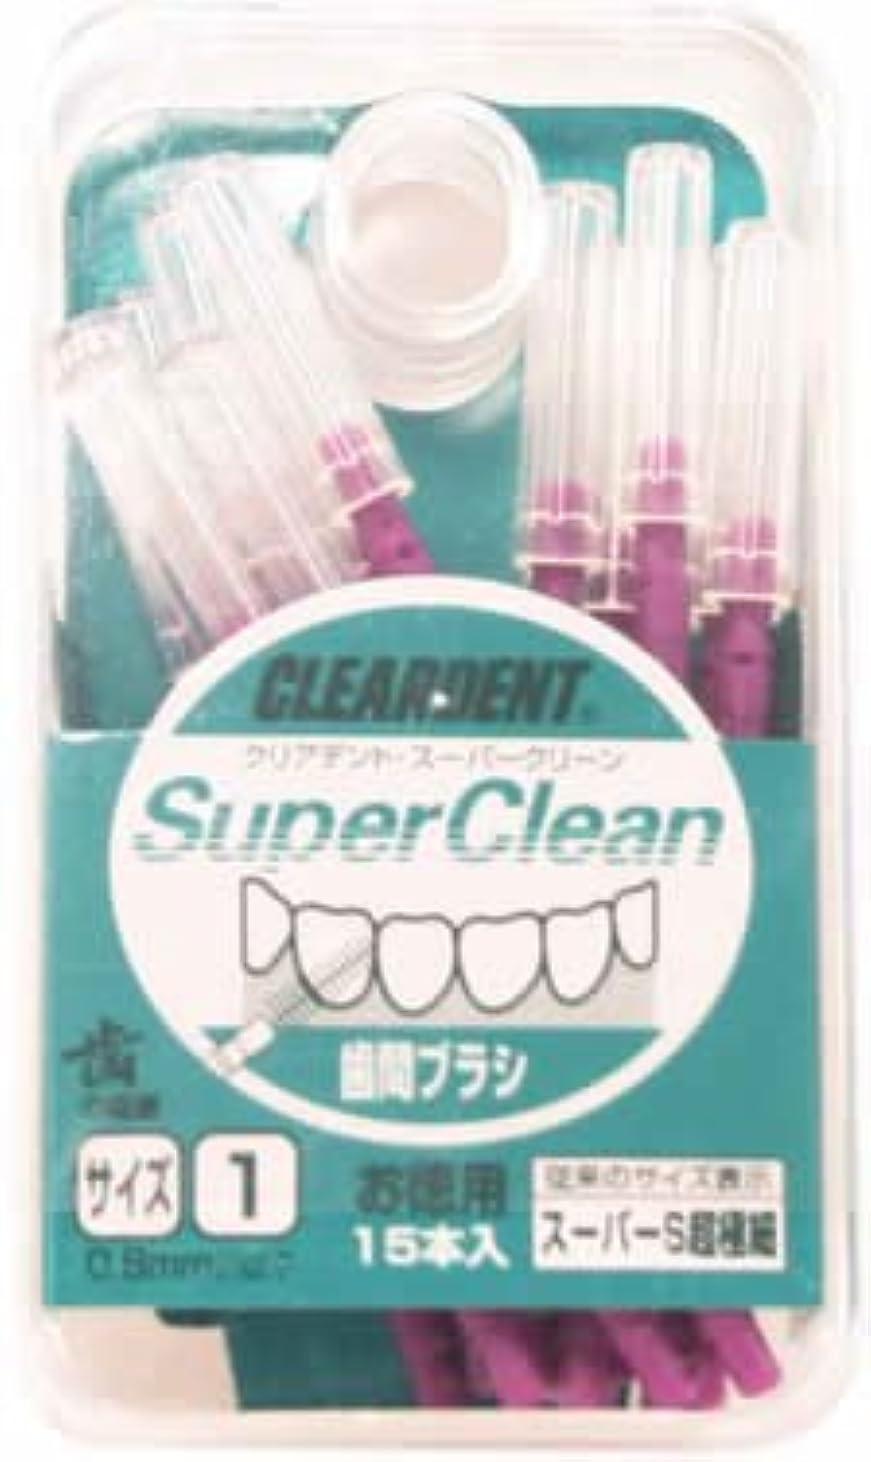 サイドボードフリッパー変色するクリアデント歯間ブラシ(お徳用) サイズ1超極細 15本入パープル